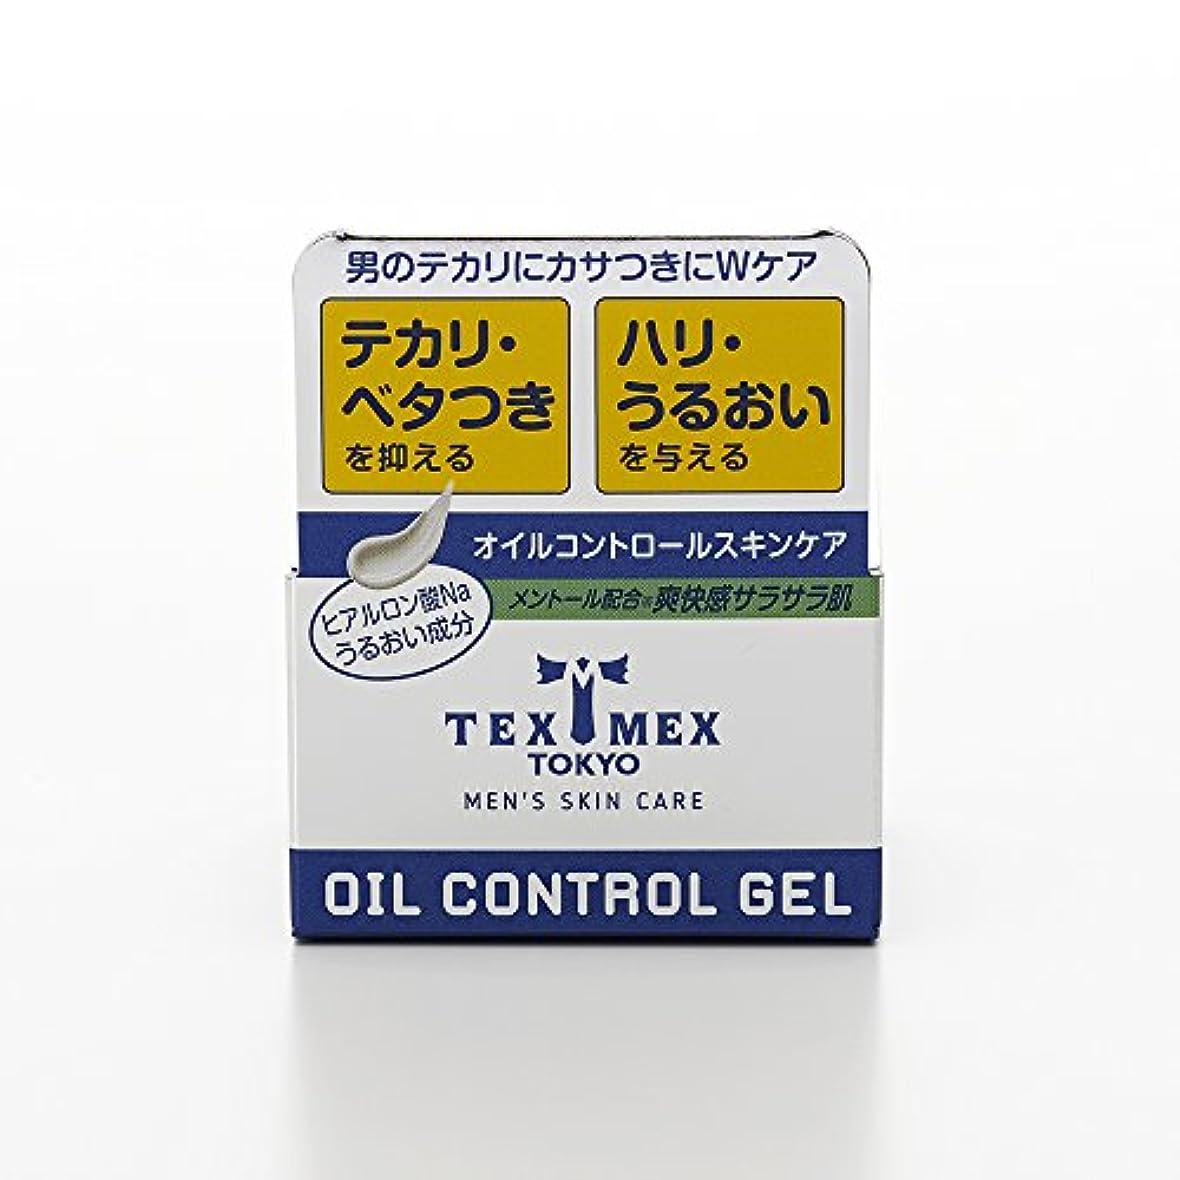 影響アラスカ突っ込むテックスメックス オイルコントロールジェル 24g (テカリ防止ジェル) 【塗るだけでサラサラ肌に】